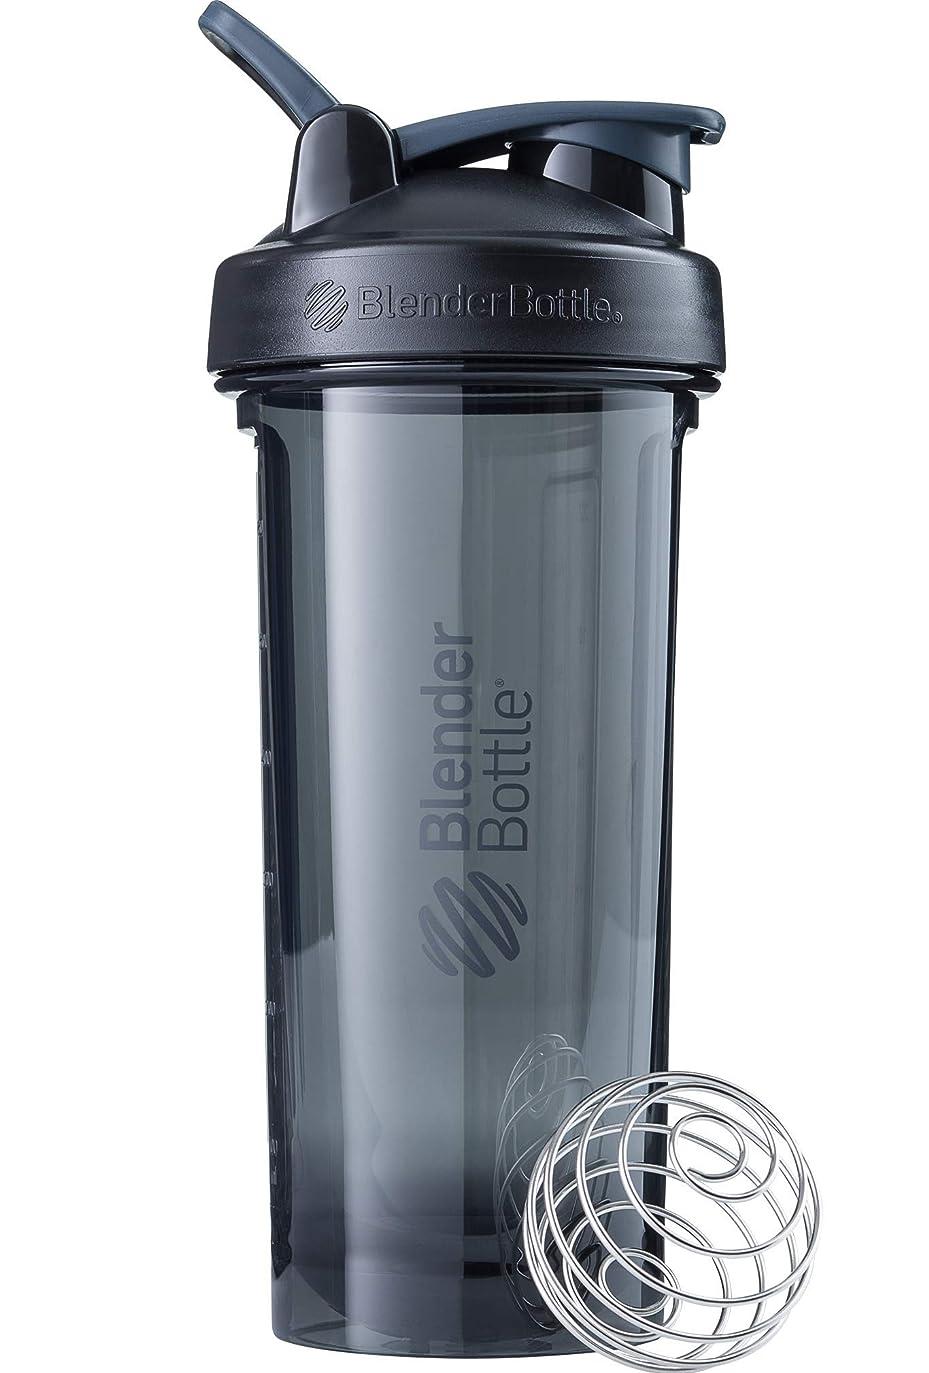 引退したジャンピングジャック観光ブレンダーボトル 【日本正規品】 ミキサー シェーカー ボトル Pro Series Tritan Pro24 24オンス (700ml) ブラック BBPRO24 BK